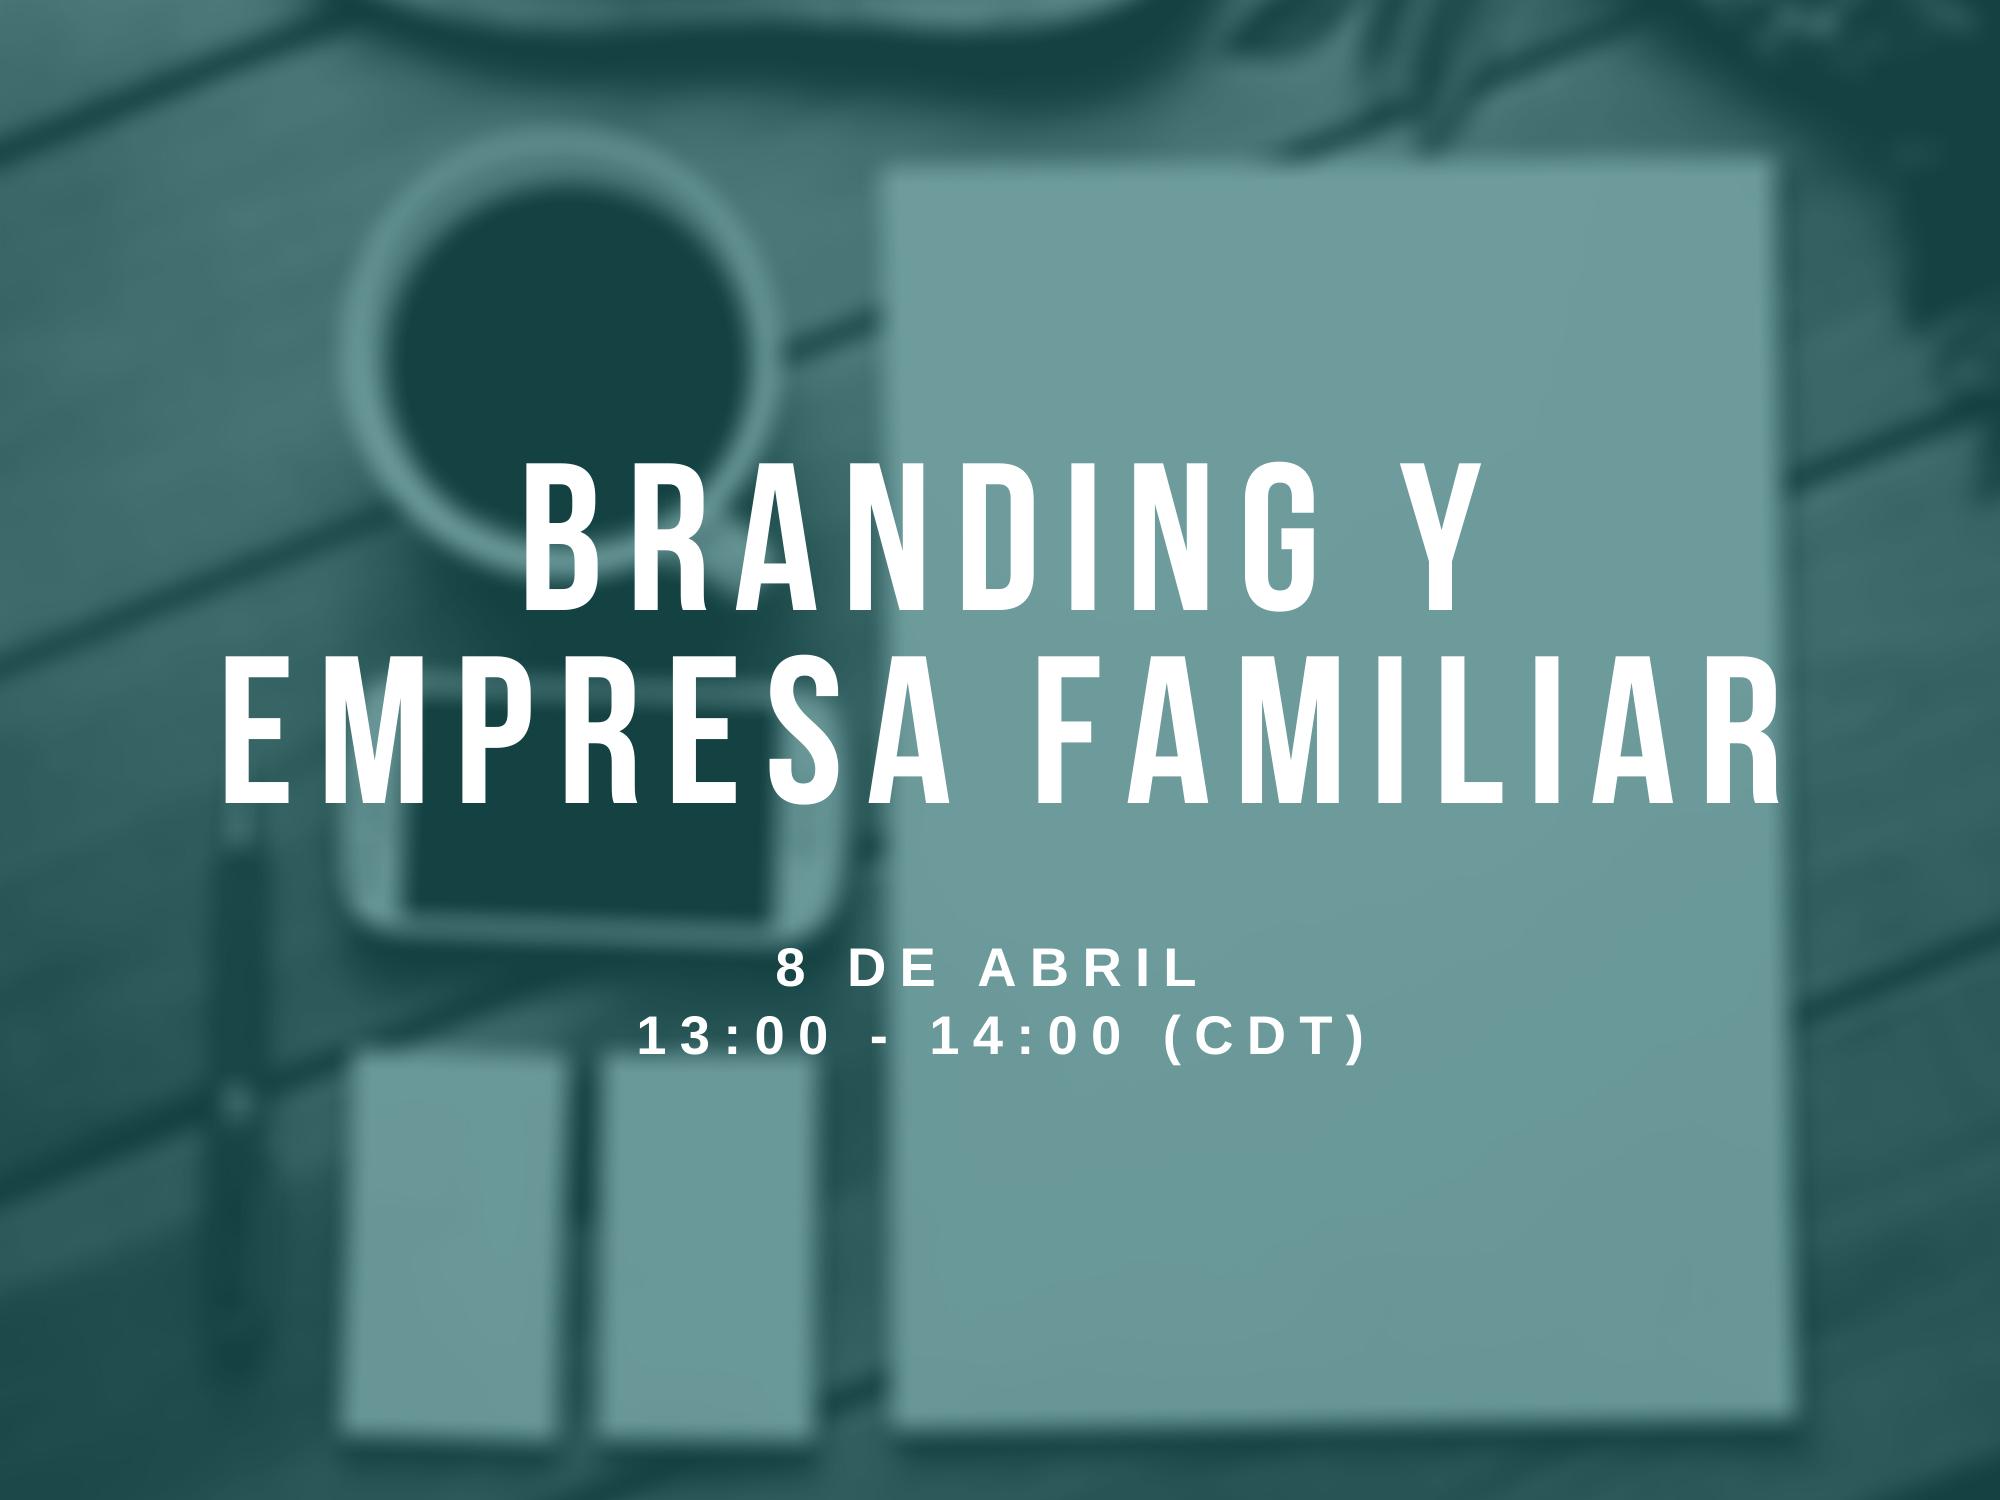 BRANDING Y EMPRESA FAMILIAR